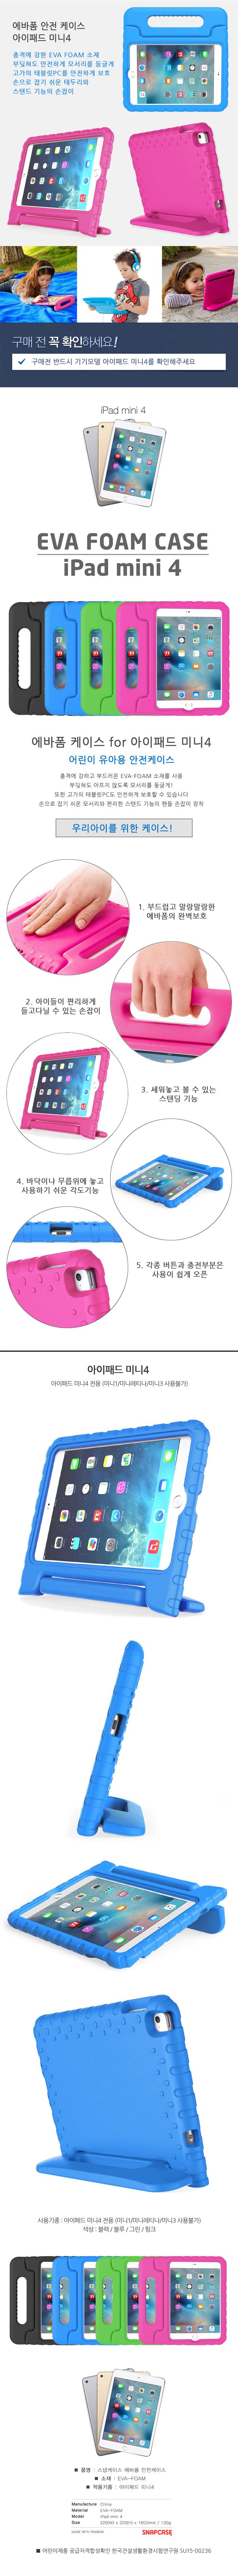 아이패드미니4 에바폼 안전케이스 어린이유아용 - 스냅케이스, 19,800원, 케이스, 아이패드/미니